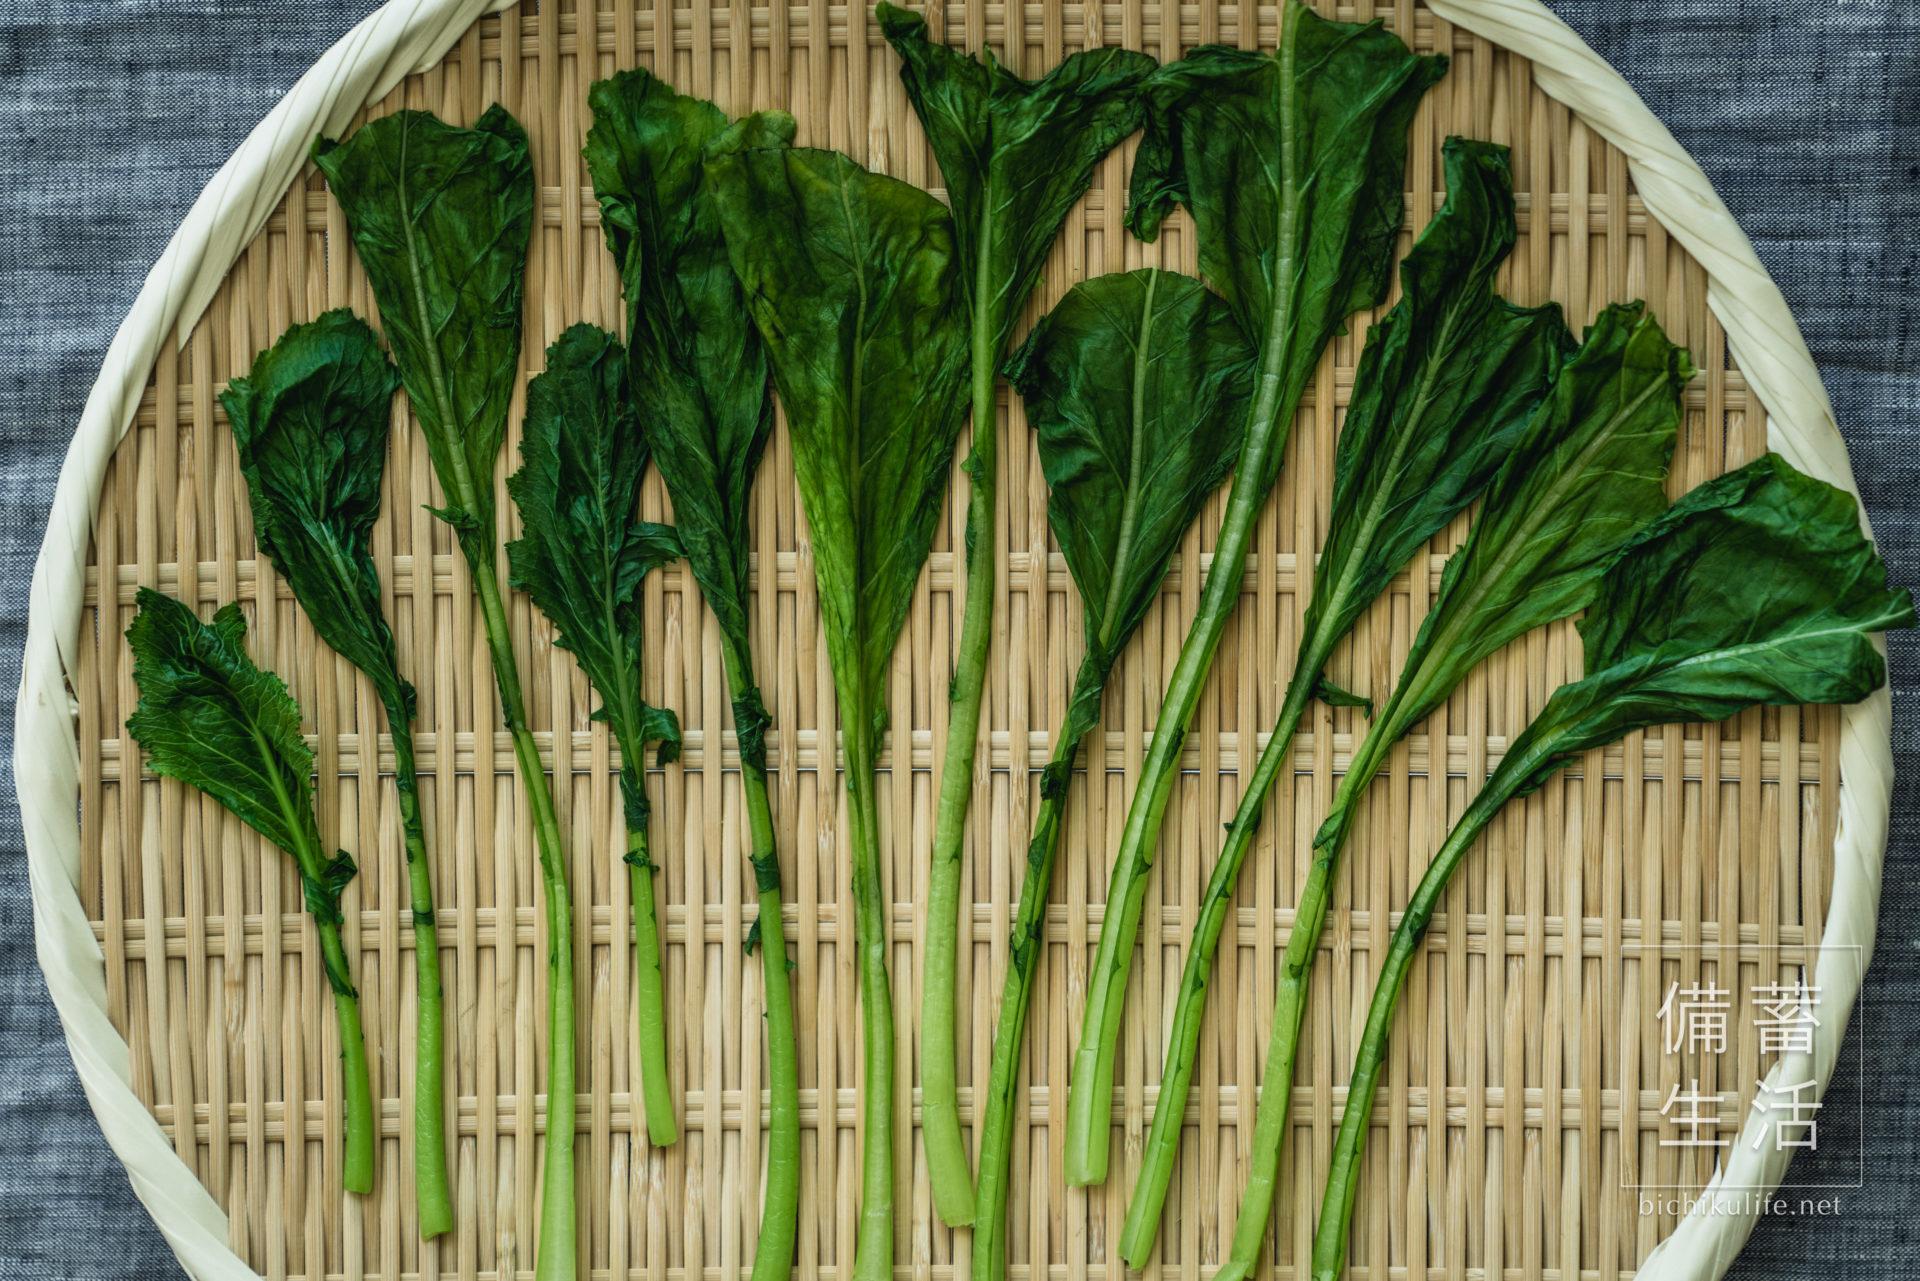 かぶ 干し野菜づくり|干し蕪の作り方